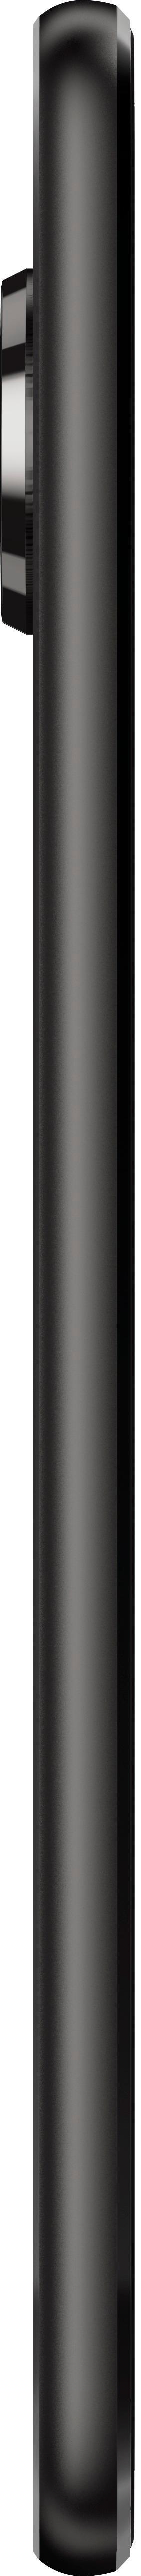 Motorola MOT1789BKKIT alternateViewsImage